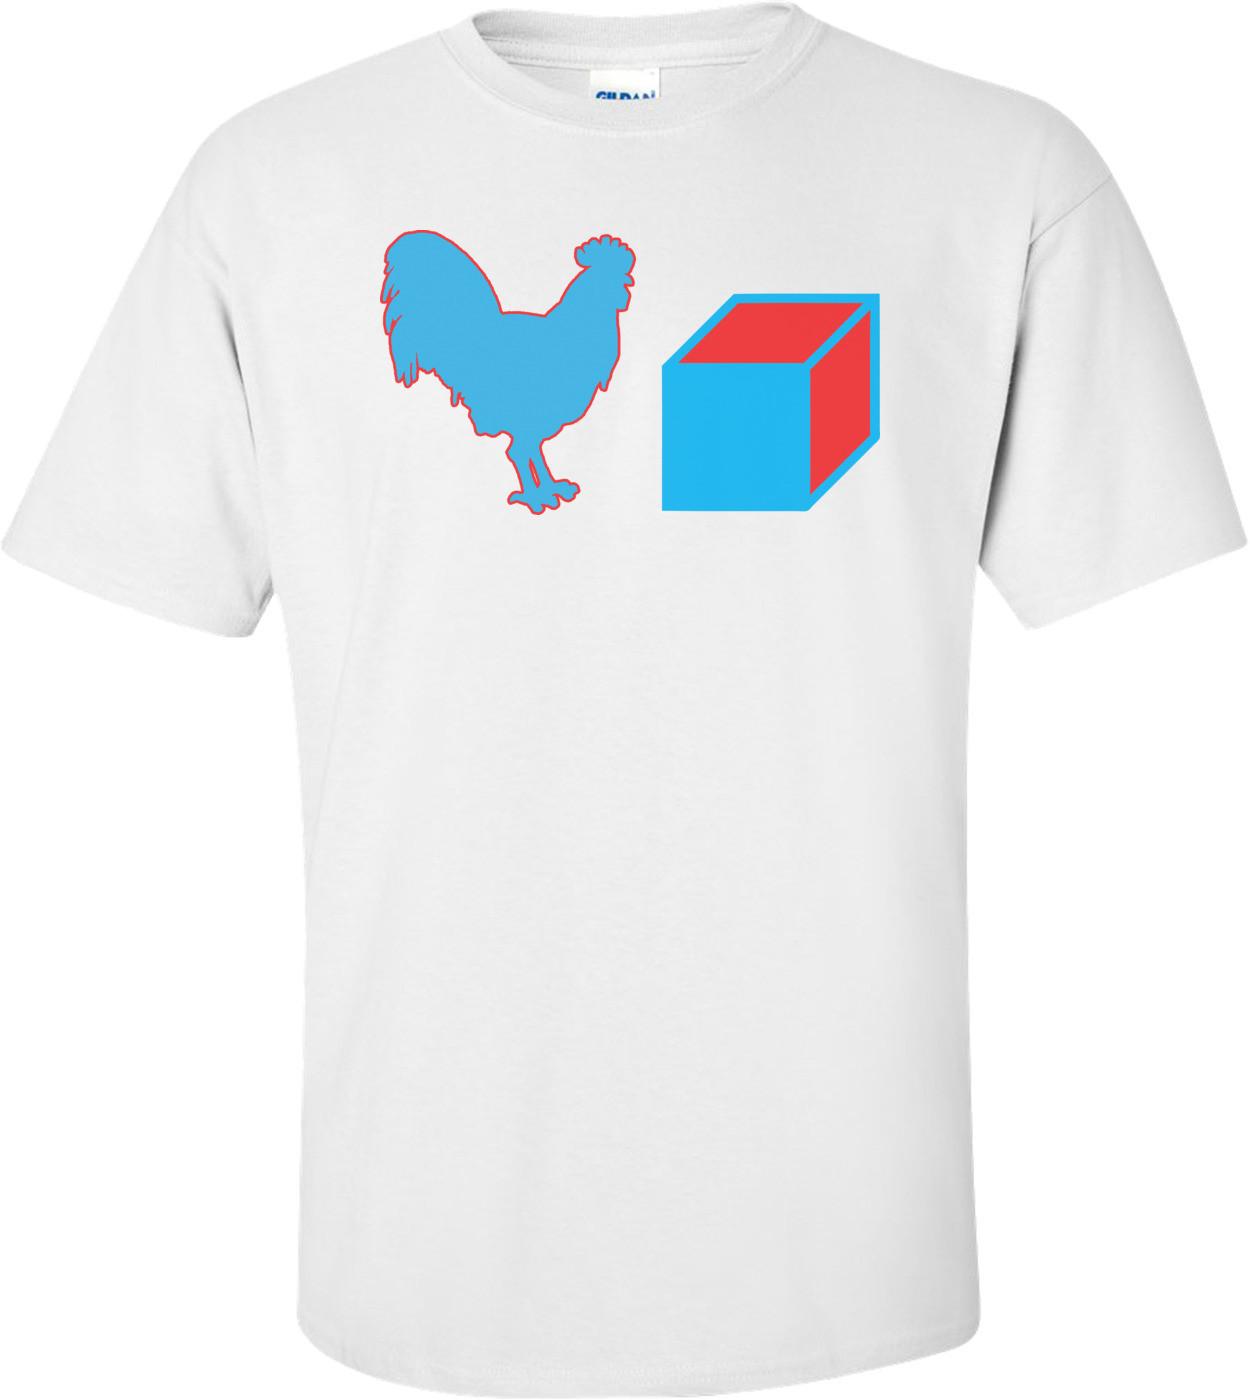 Cock Block T Shirt 47